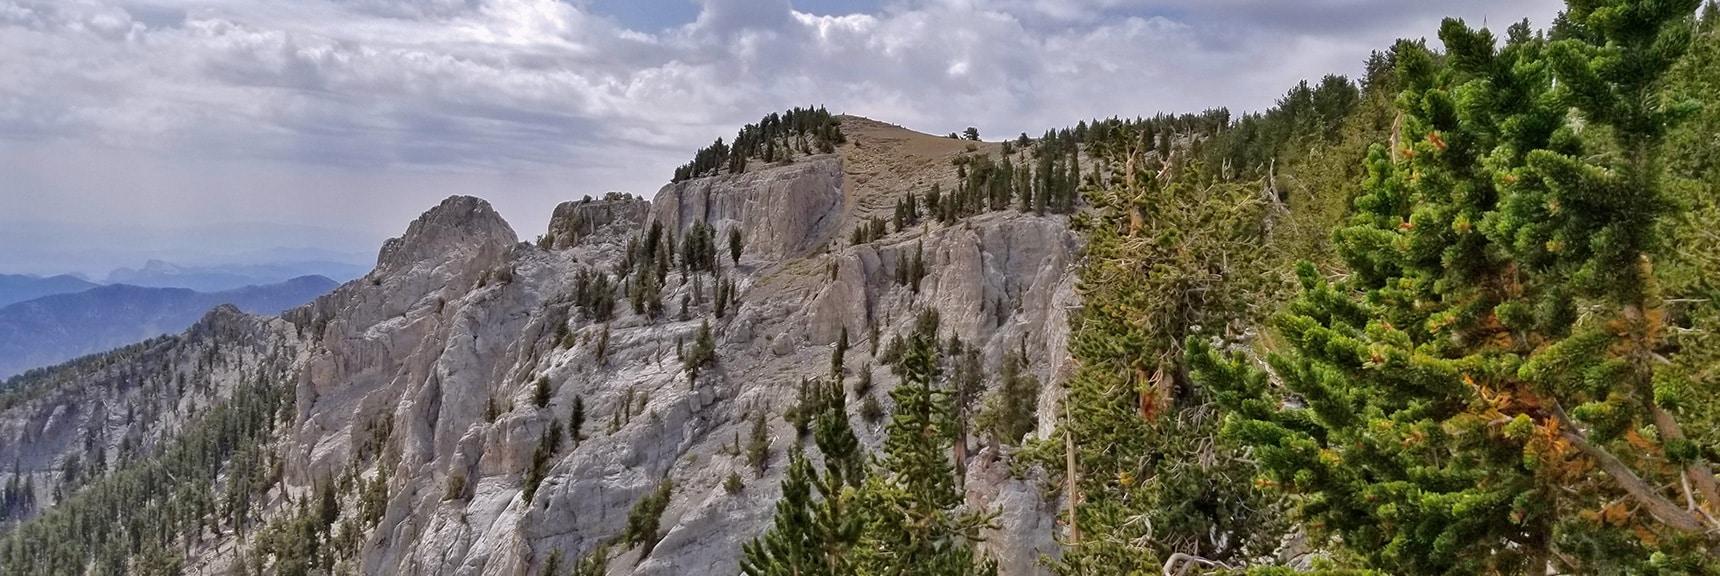 Viewing Mummy Mt. Summit and Summit Cliffs   Mummy Mountain Northern Rim Overlook, Spring Mountain Wilderness, Nevada